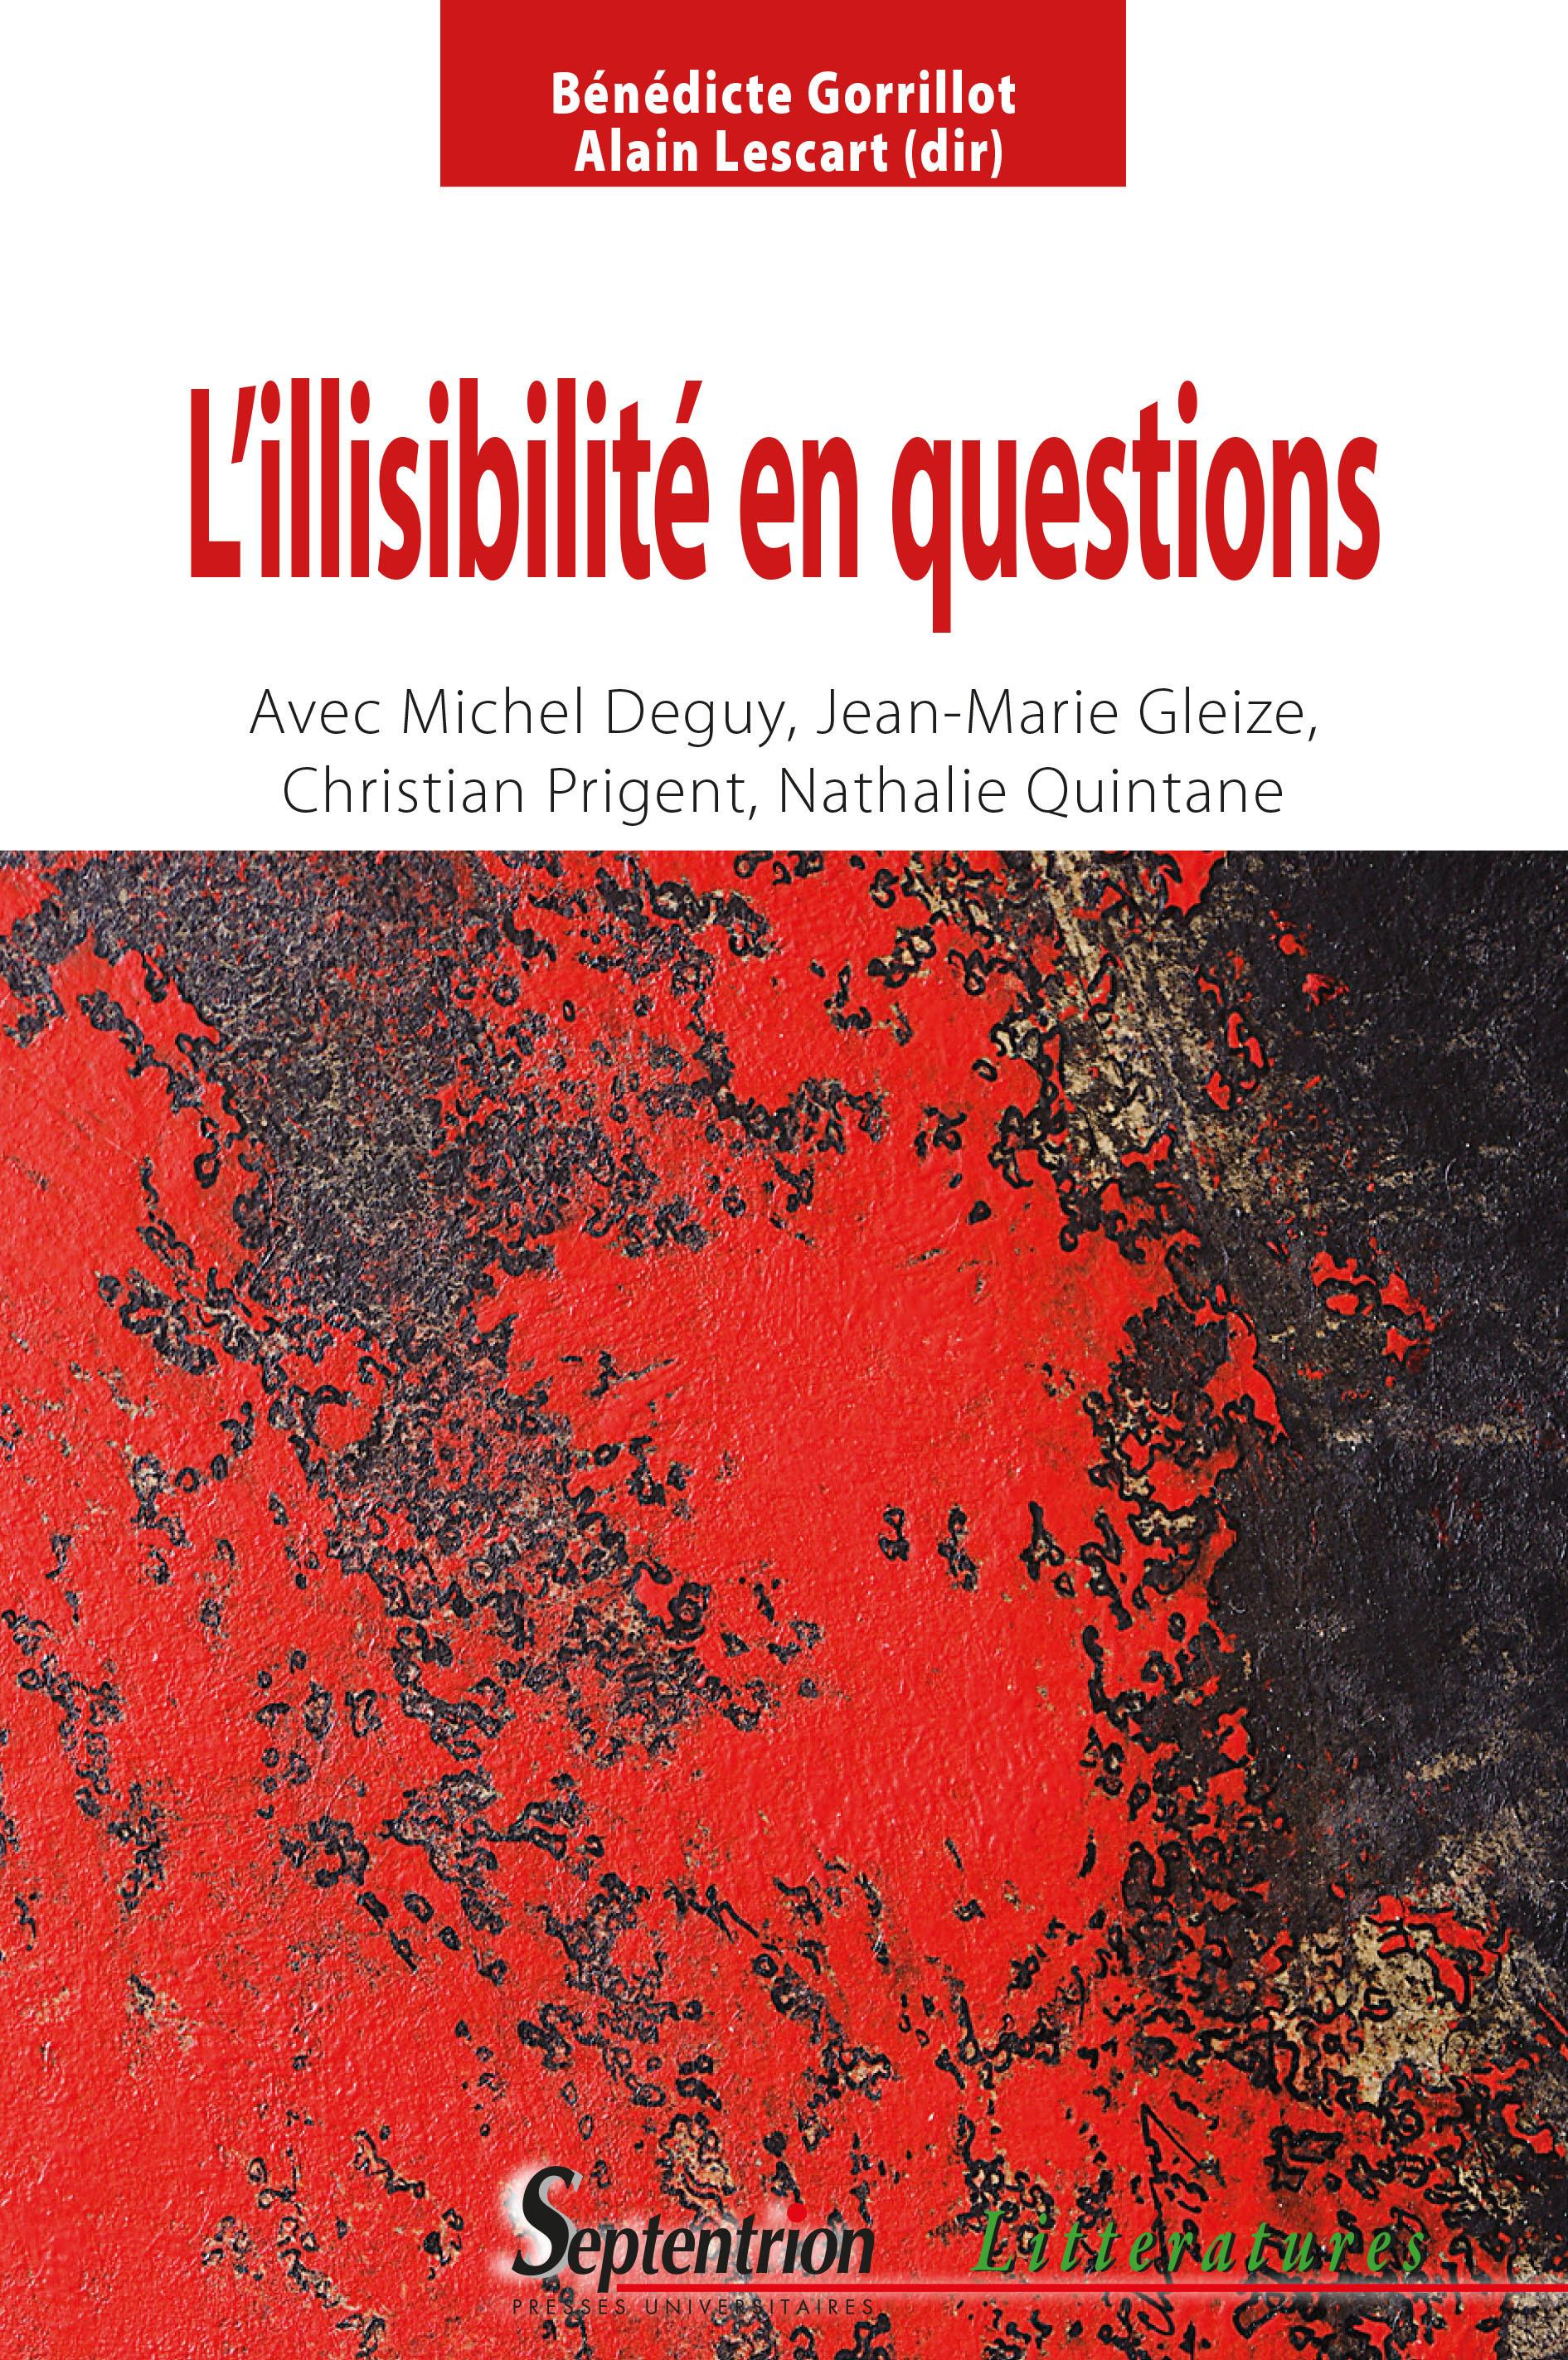 L'illisibilite en questions - avec michel deguy, jean-marie gleize, christian prigent et nathalie q